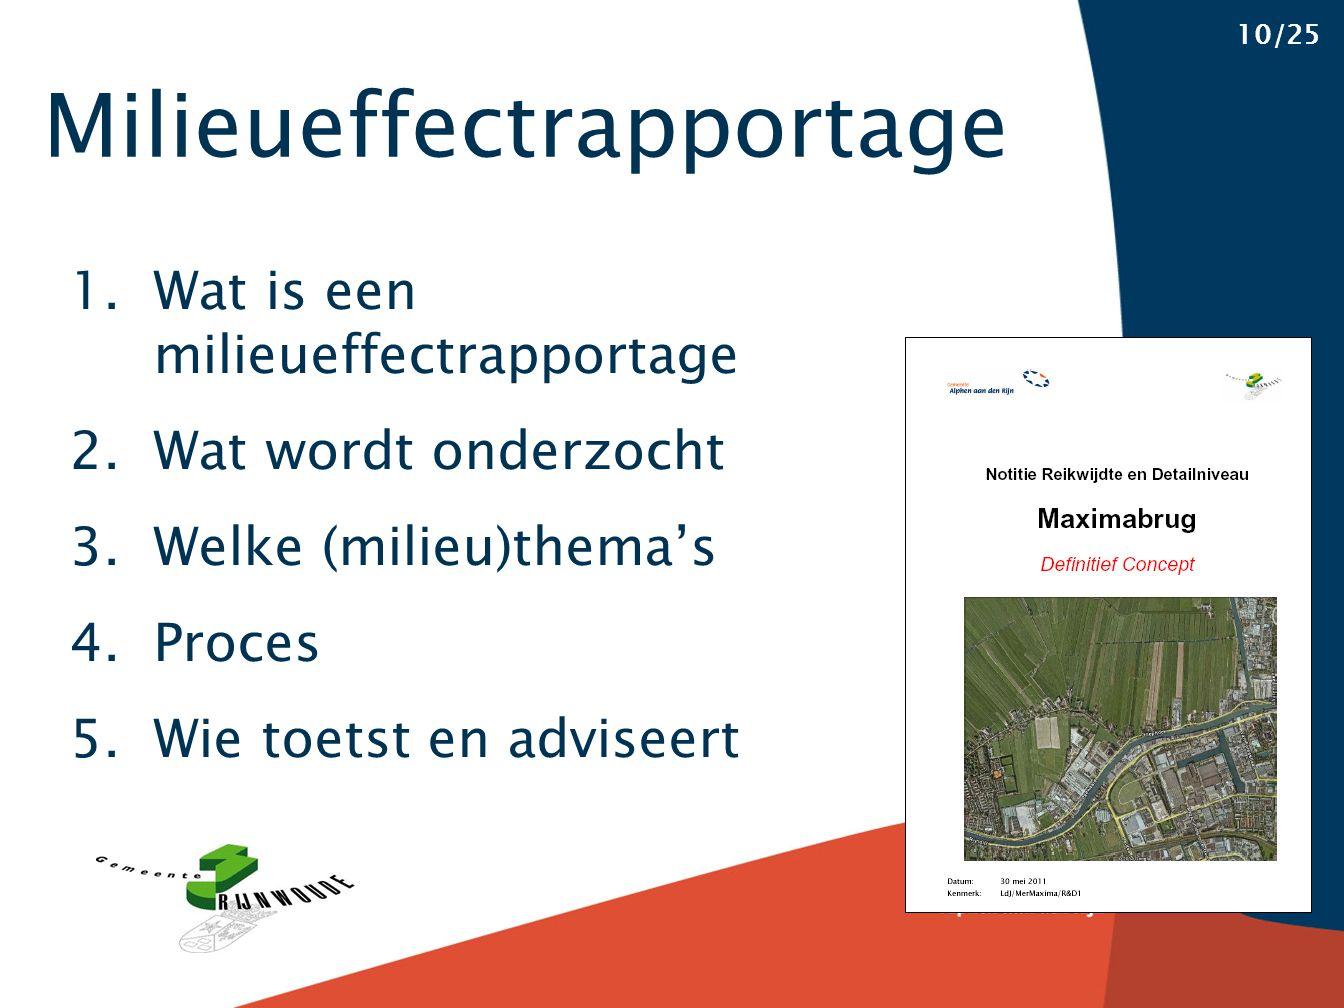 Milieueffectrapportage 10/25 1.Wat is een milieueffectrapportage 2.Wat wordt onderzocht 3.Welke (milieu)thema's 4.Proces 5.Wie toetst en adviseert